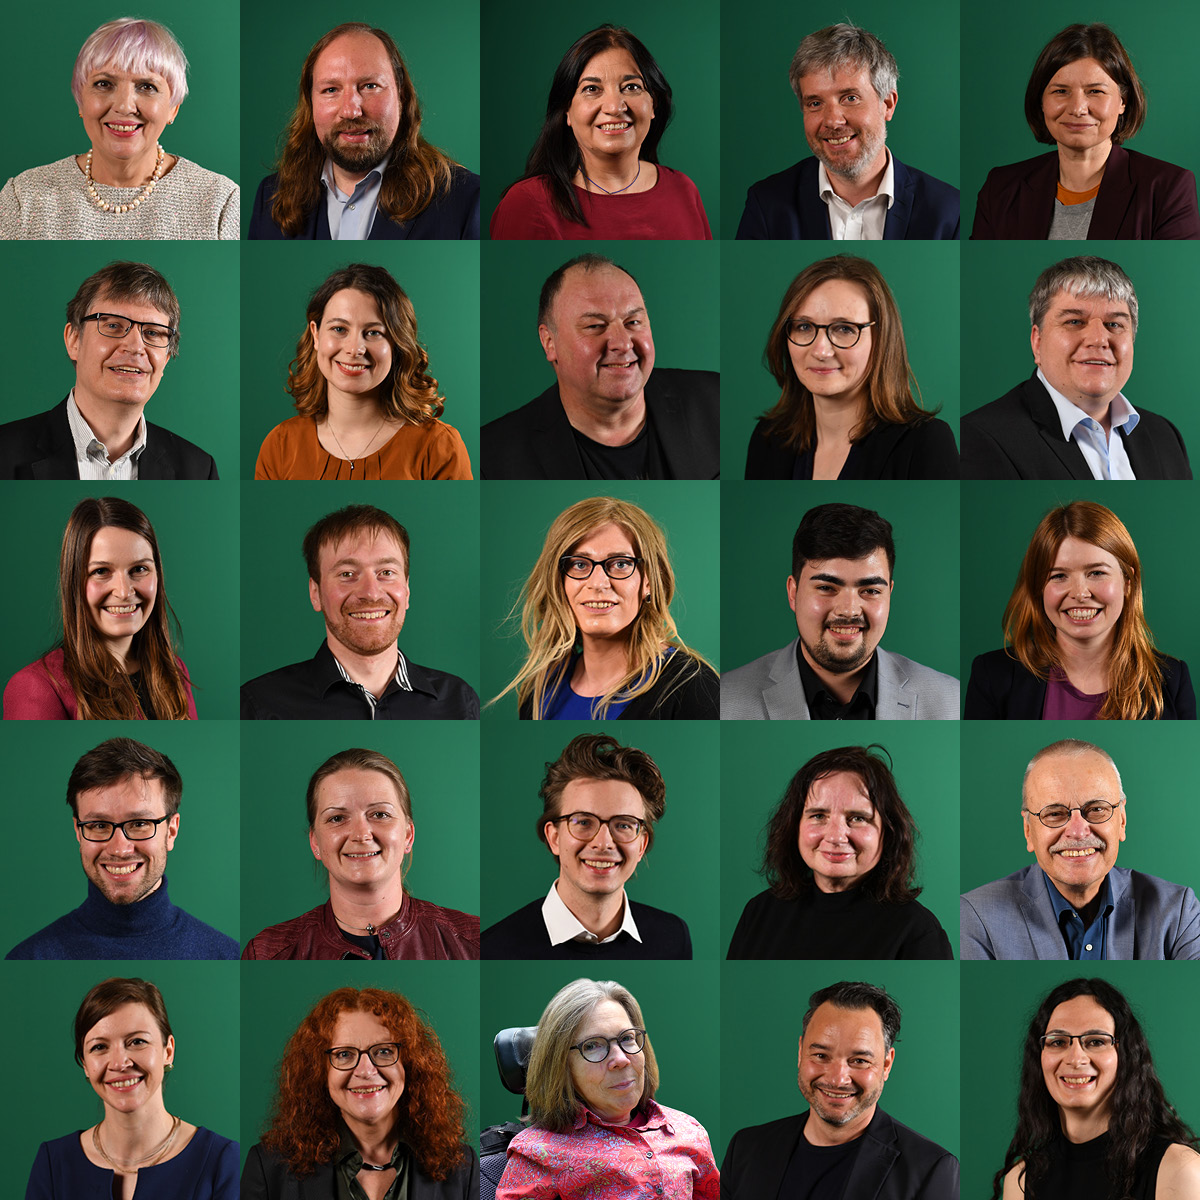 Porträts der ersten 25 von insgesamt 64 Listenkandidat*innen der bayerischen GRÜNEN für die Bundestagswahl